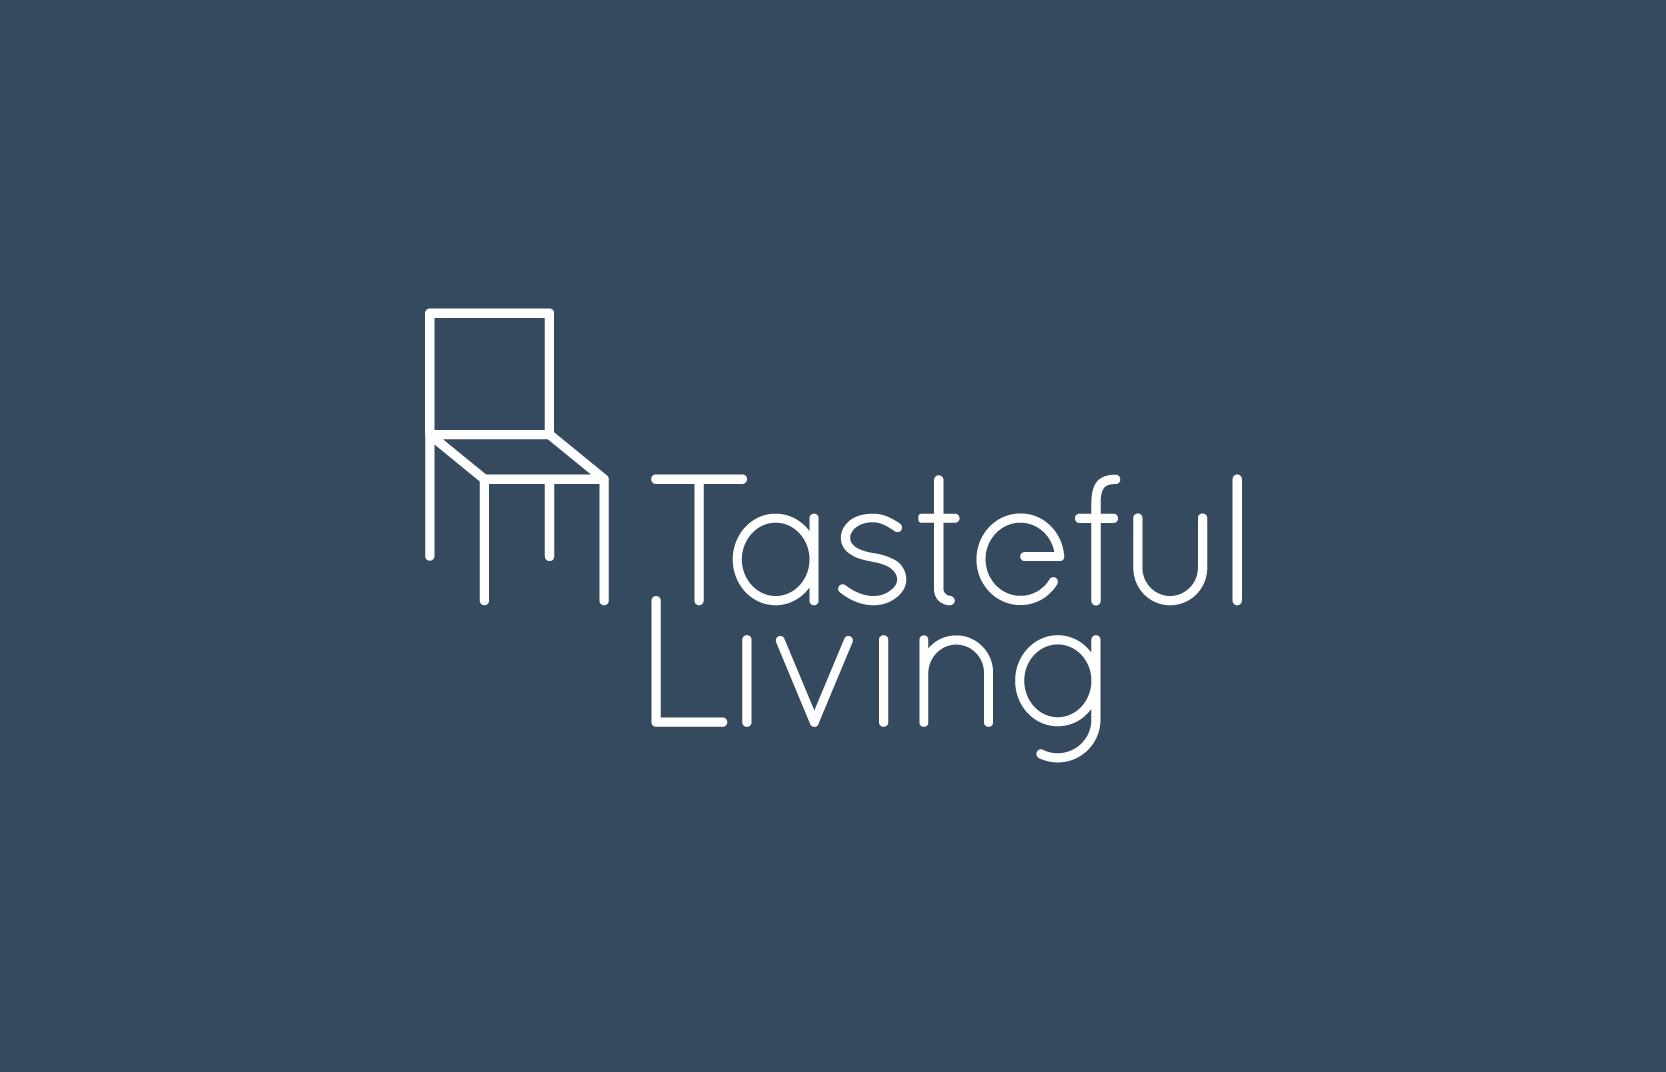 multi_tastefull_logo0